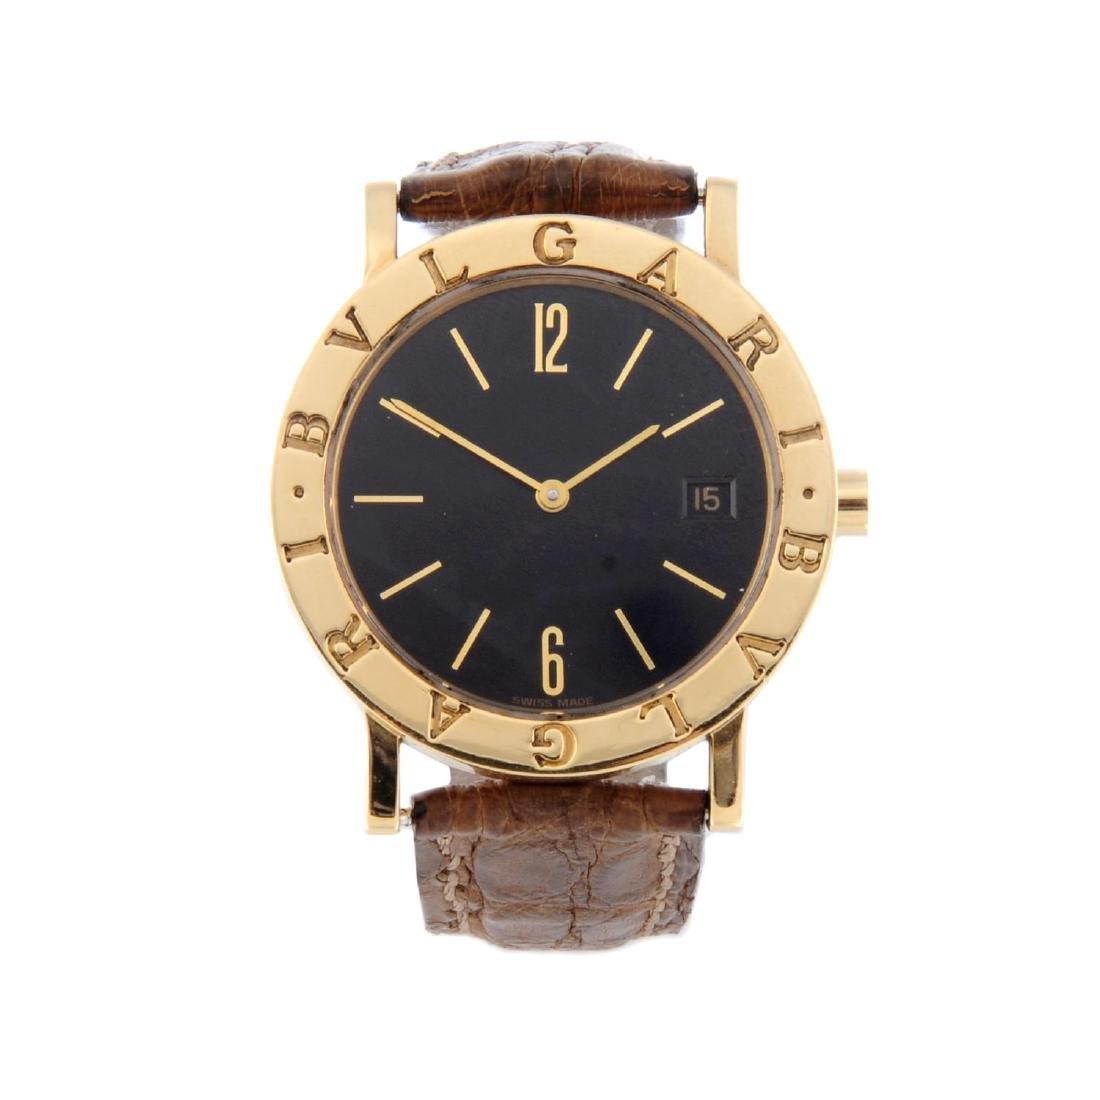 BULGARI - a mid-size wrist watch. 18ct yellow gold